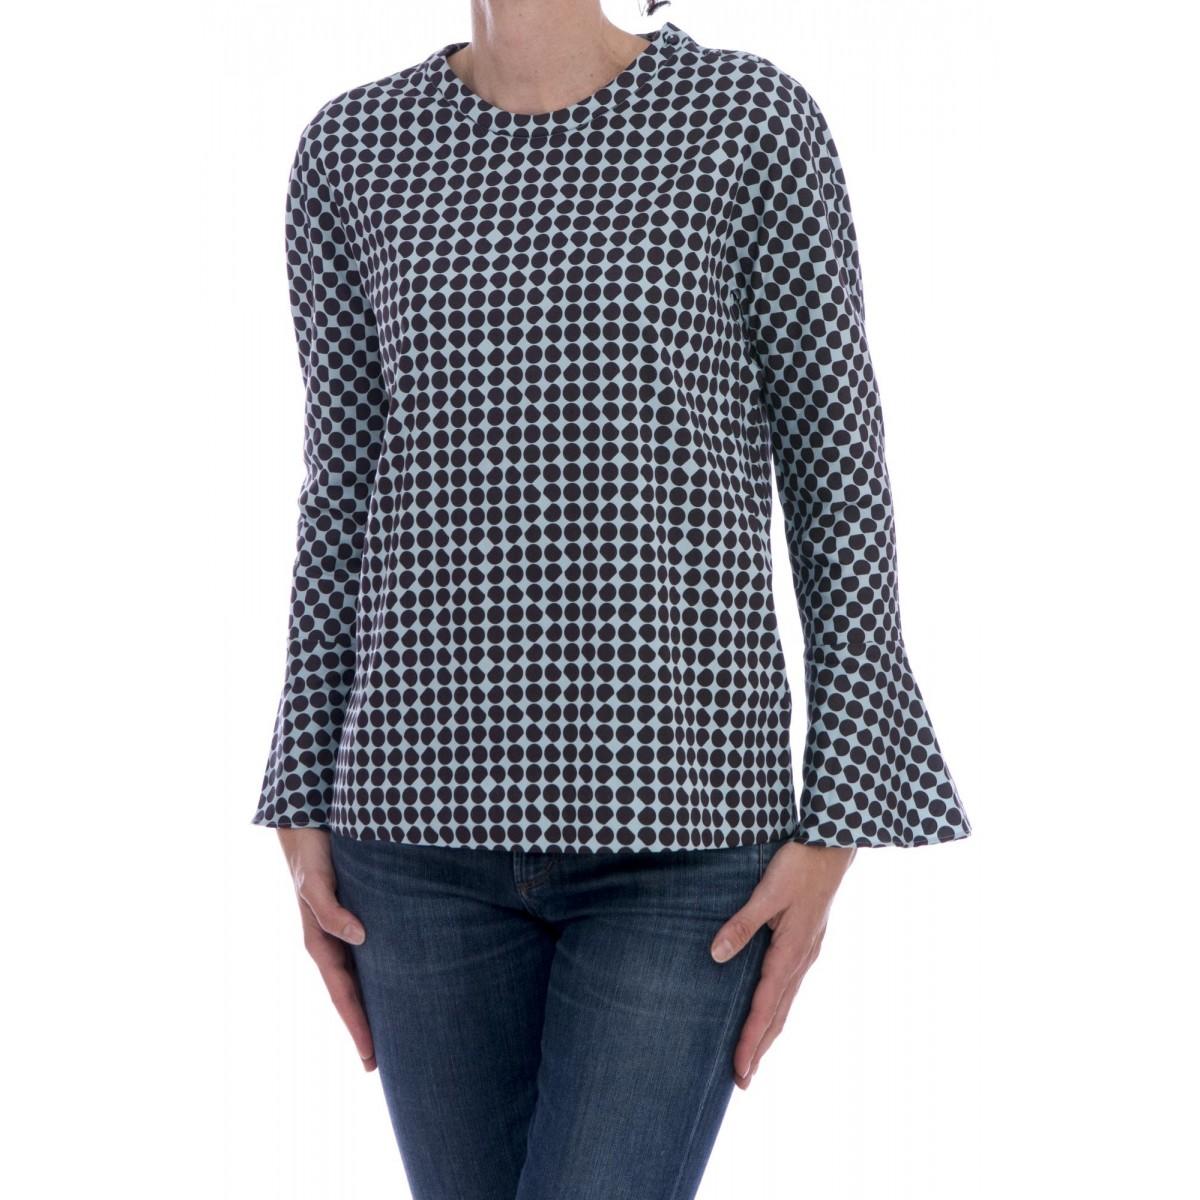 Camicia donna Archivio '67 - Rqe zhy camicia pois girocollo strech